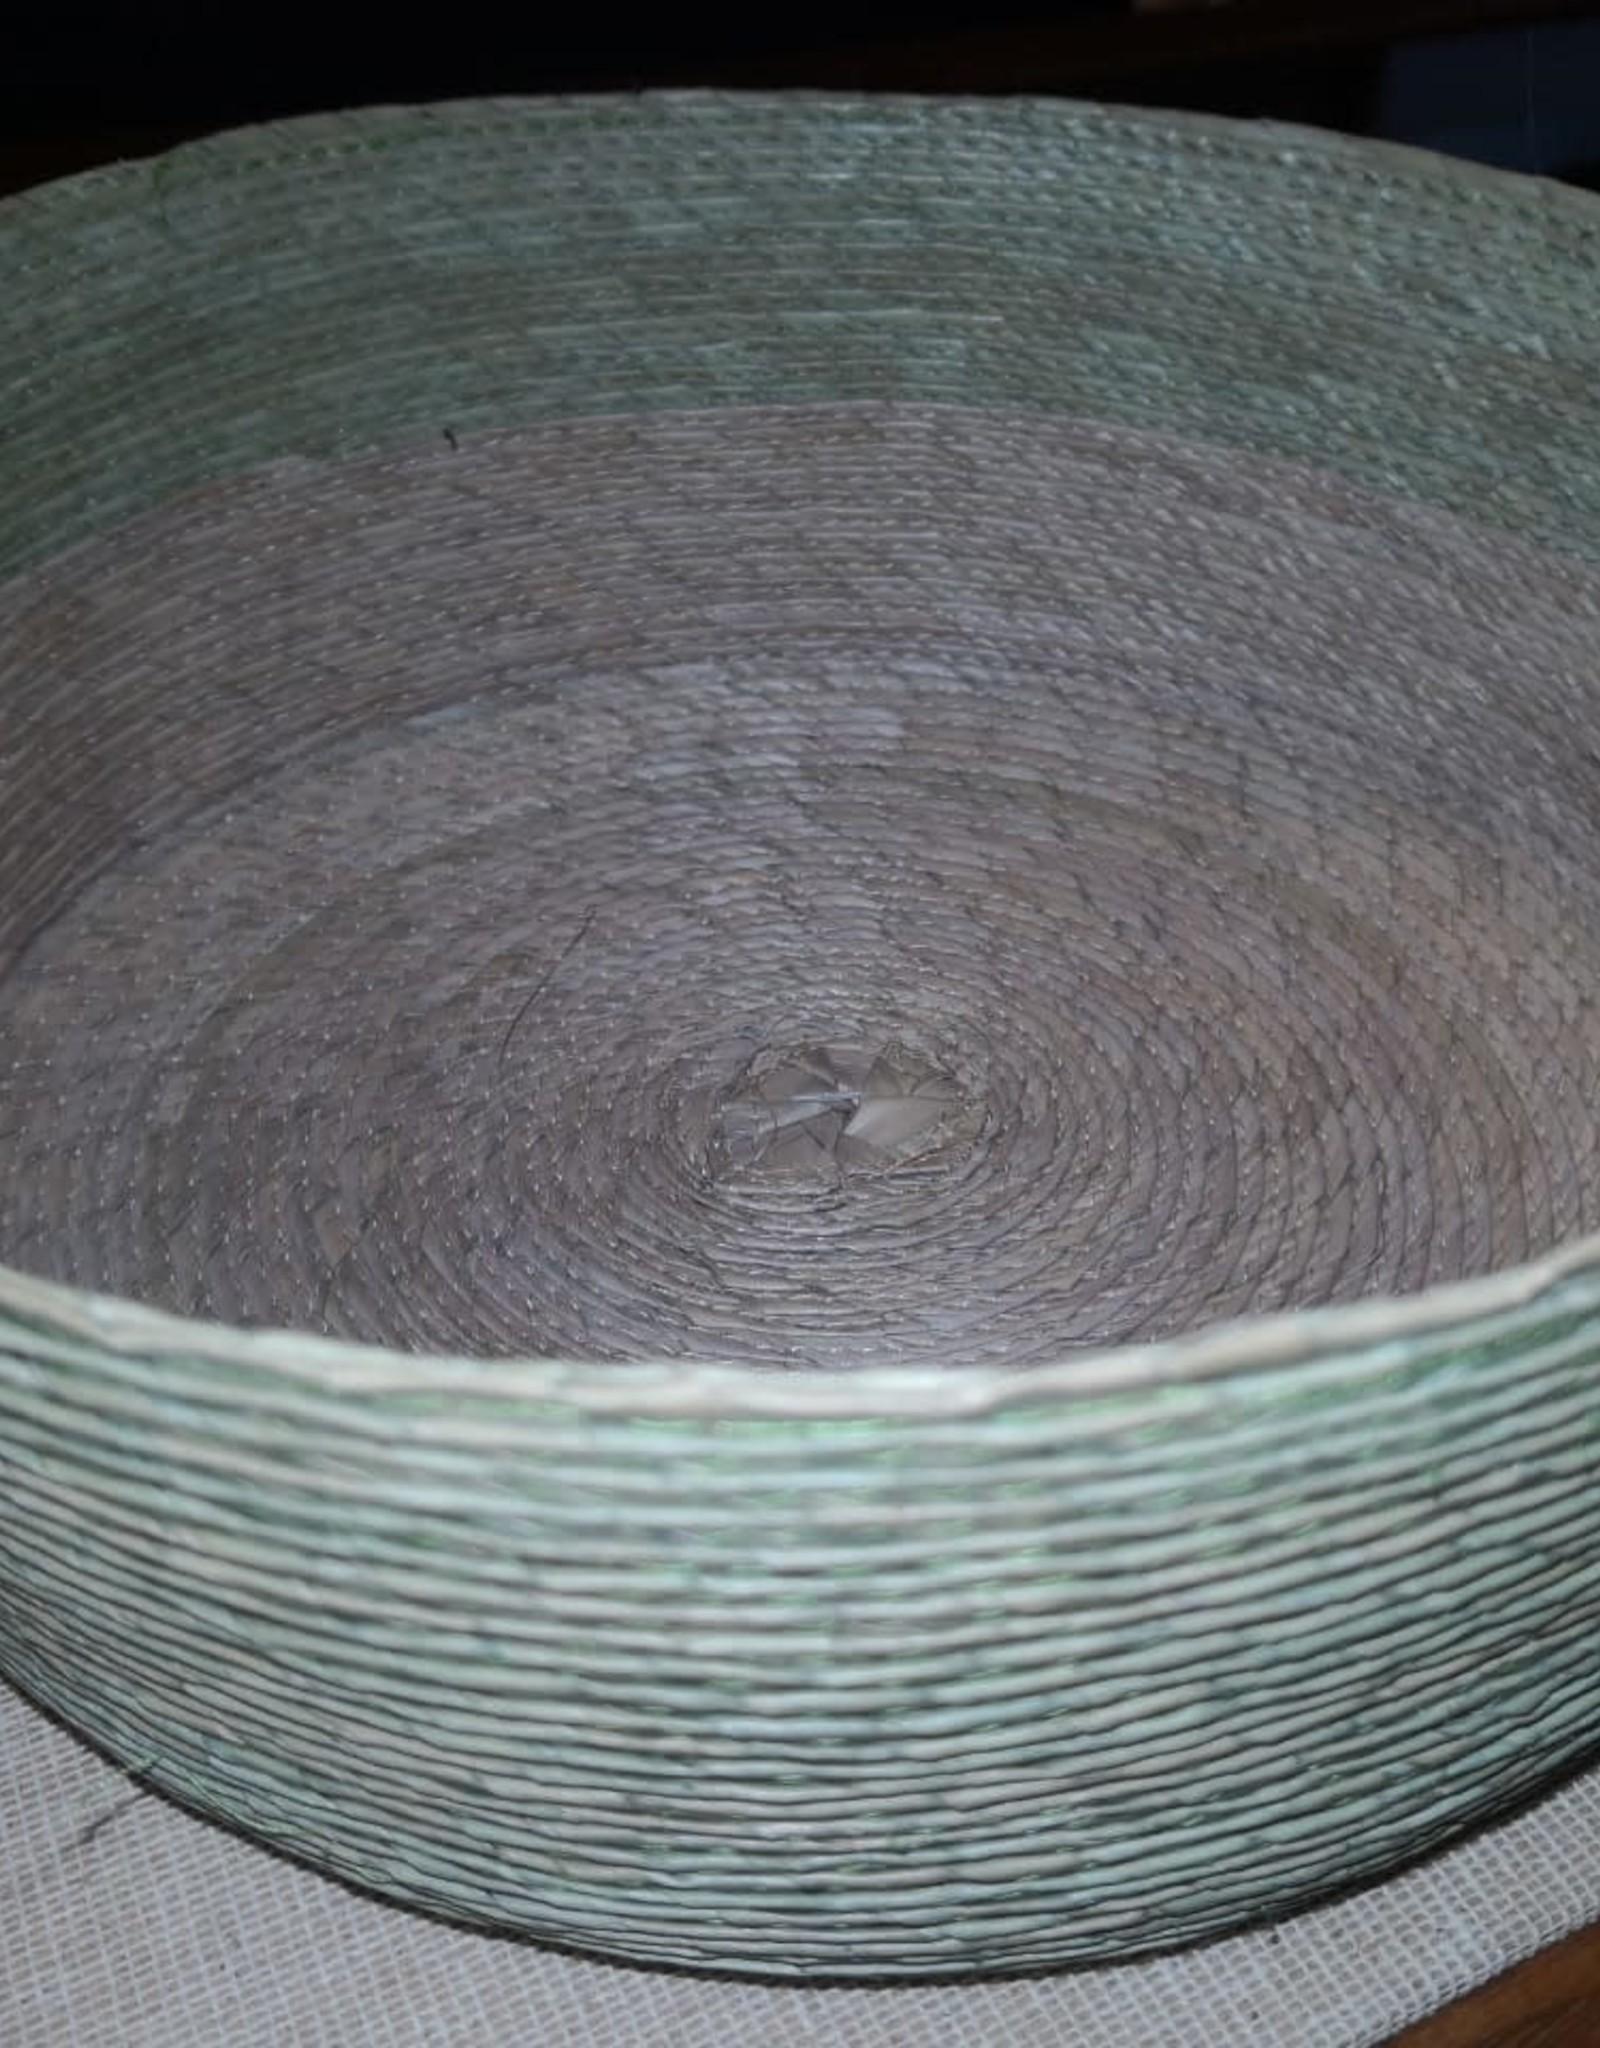 canasta hoja de palma redonda makaua D25 HILOS EN NOGADA